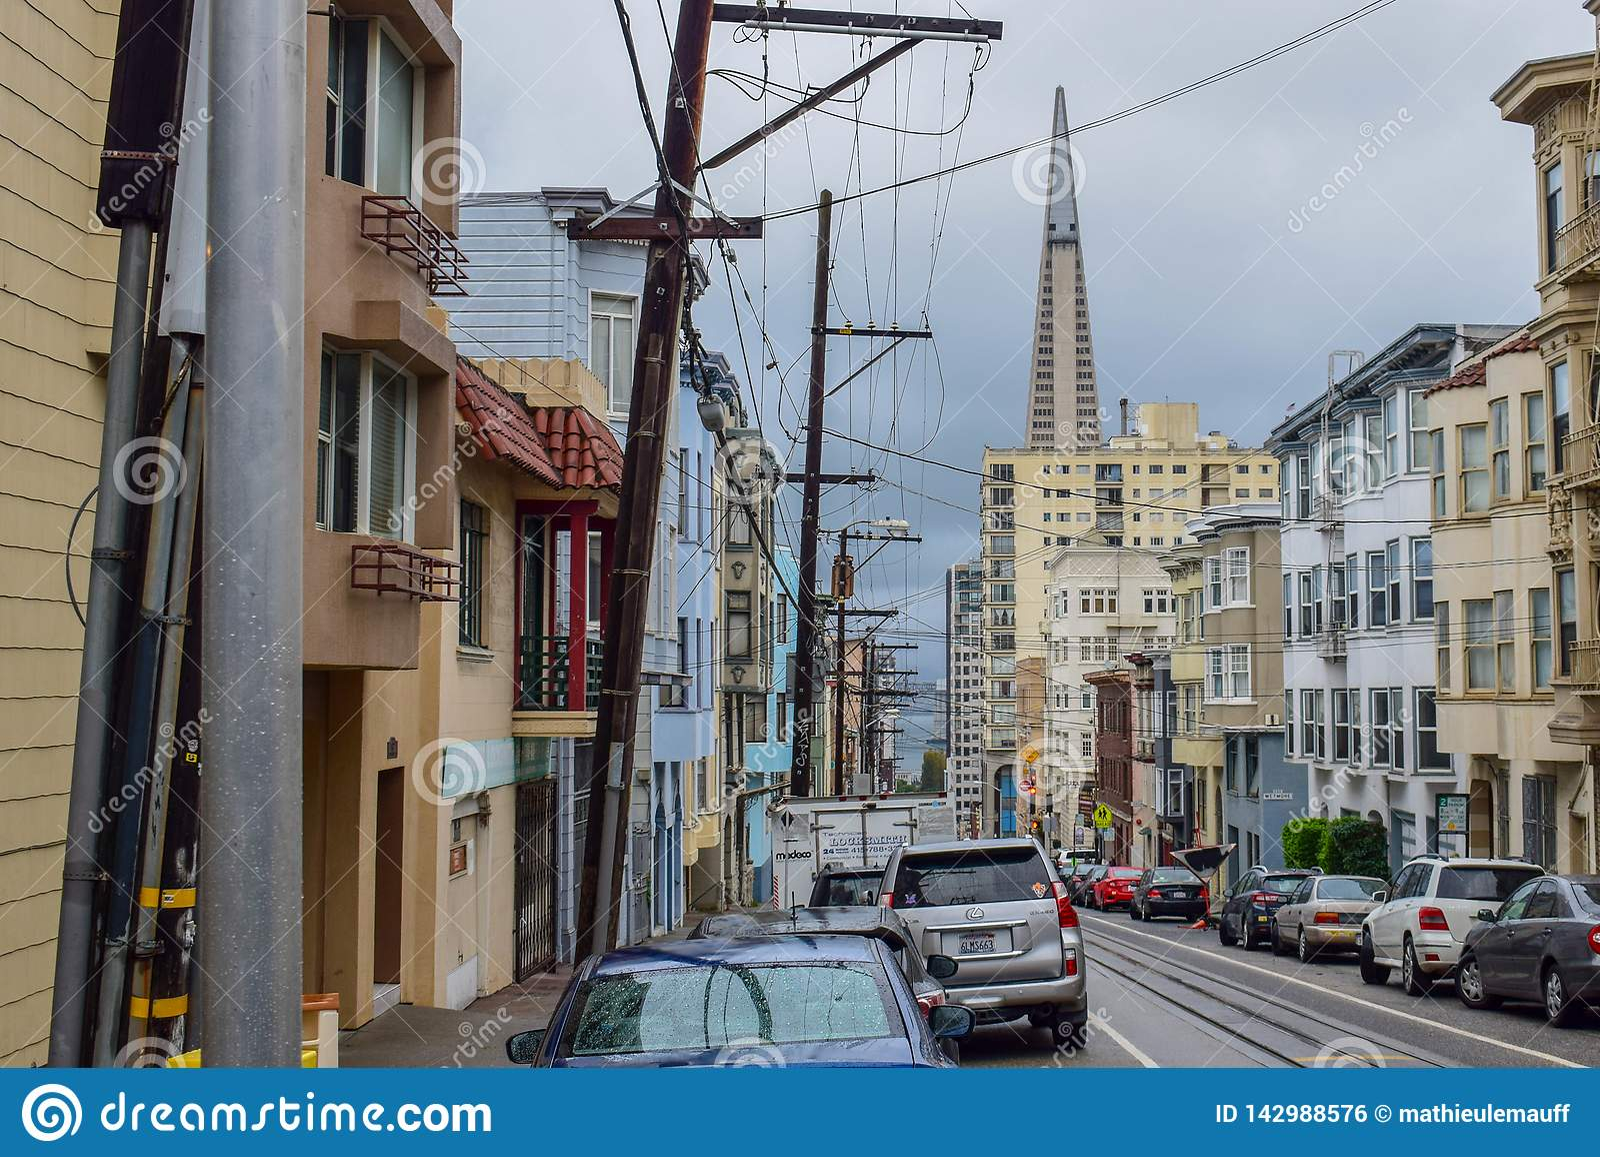 Viktorianische Häuser, Architektur und Wolkenkratzer in San Francisco Street